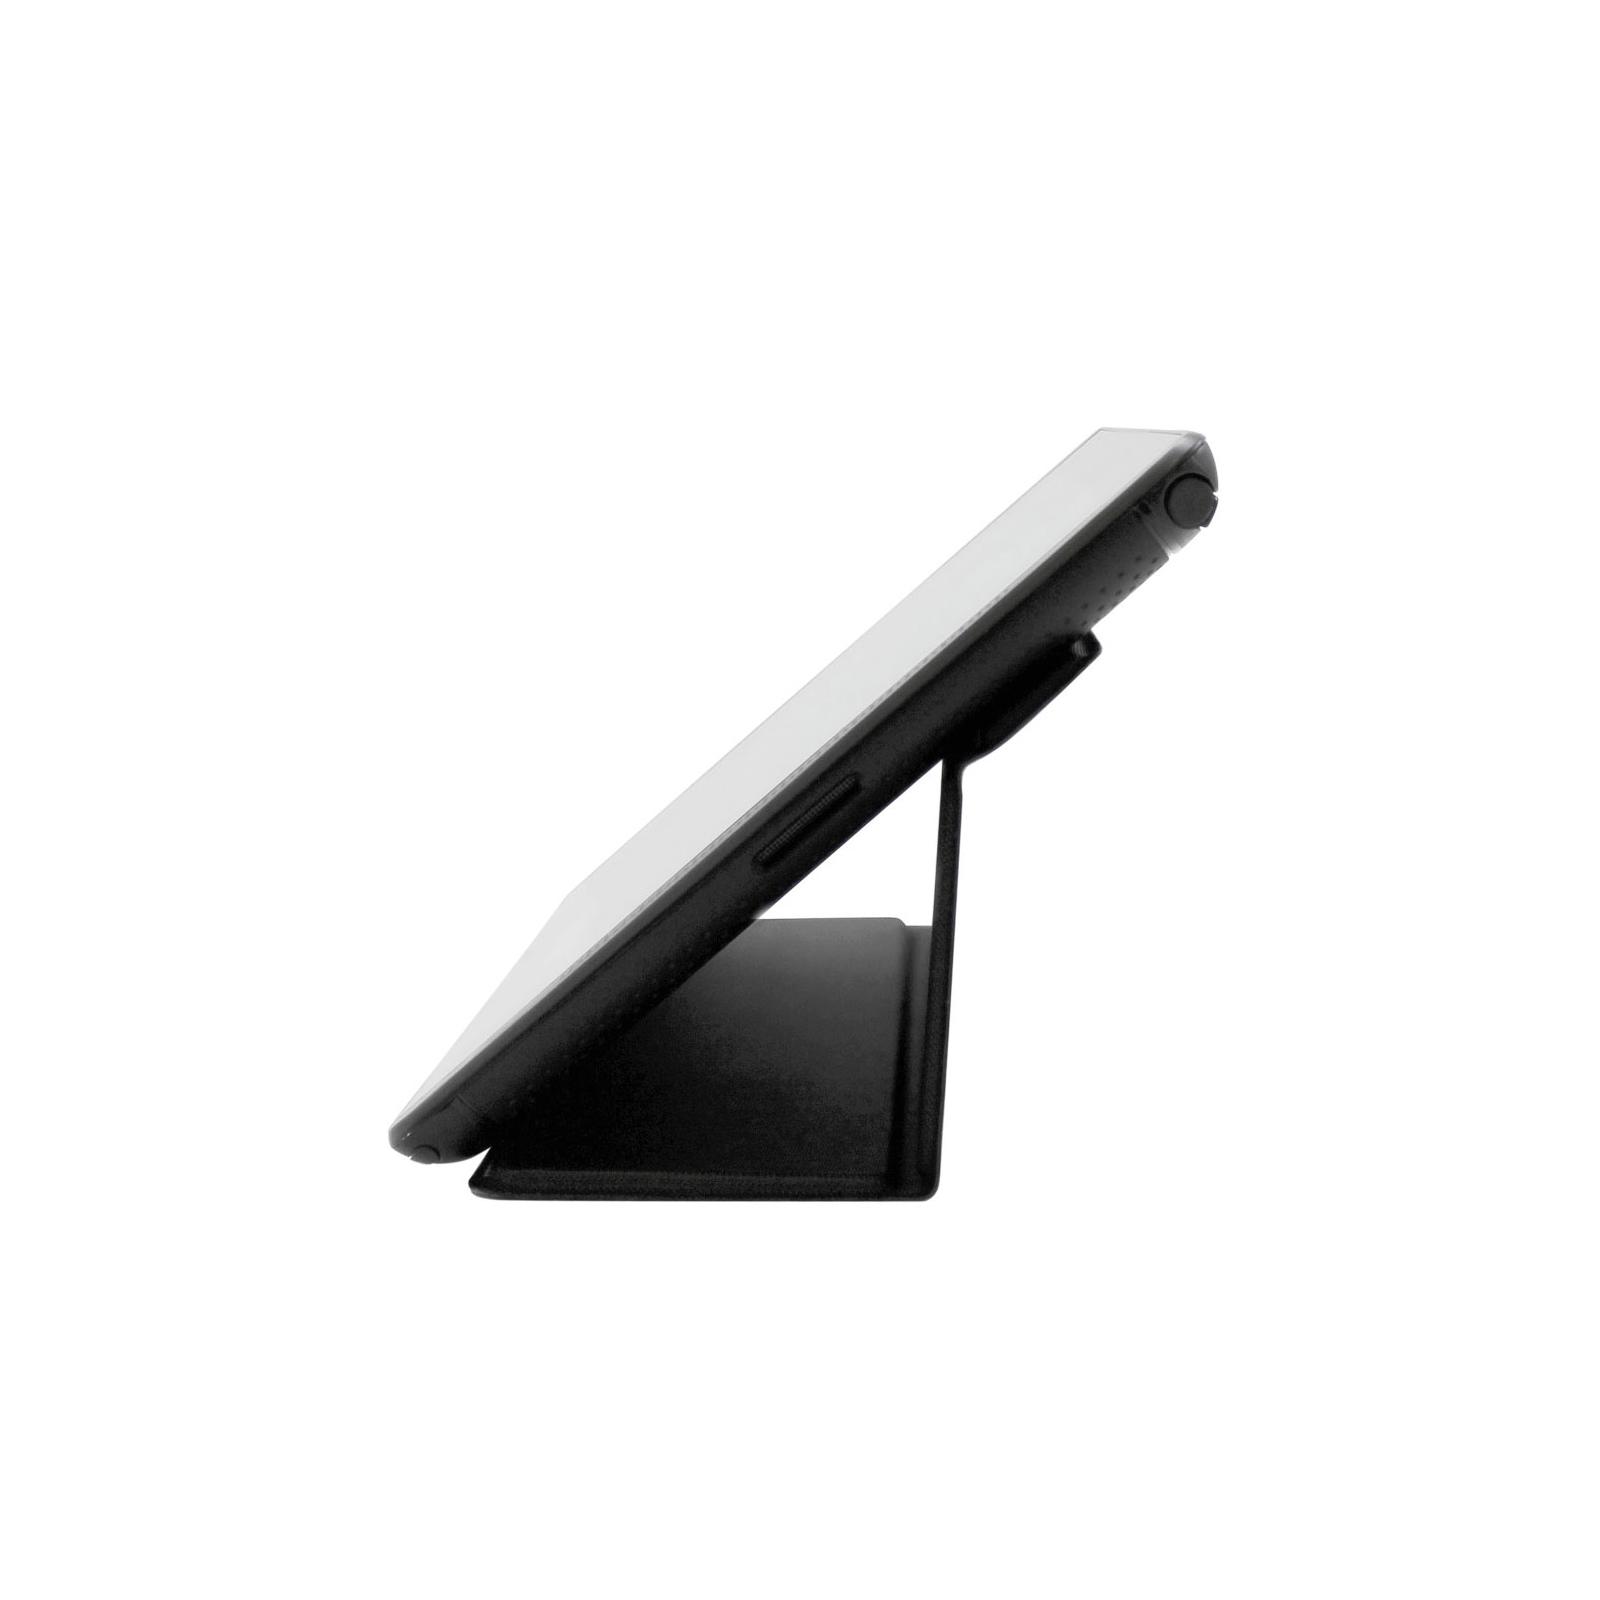 Чехол для планшета Gazer Tegra Slide Cover 7 изображение 5